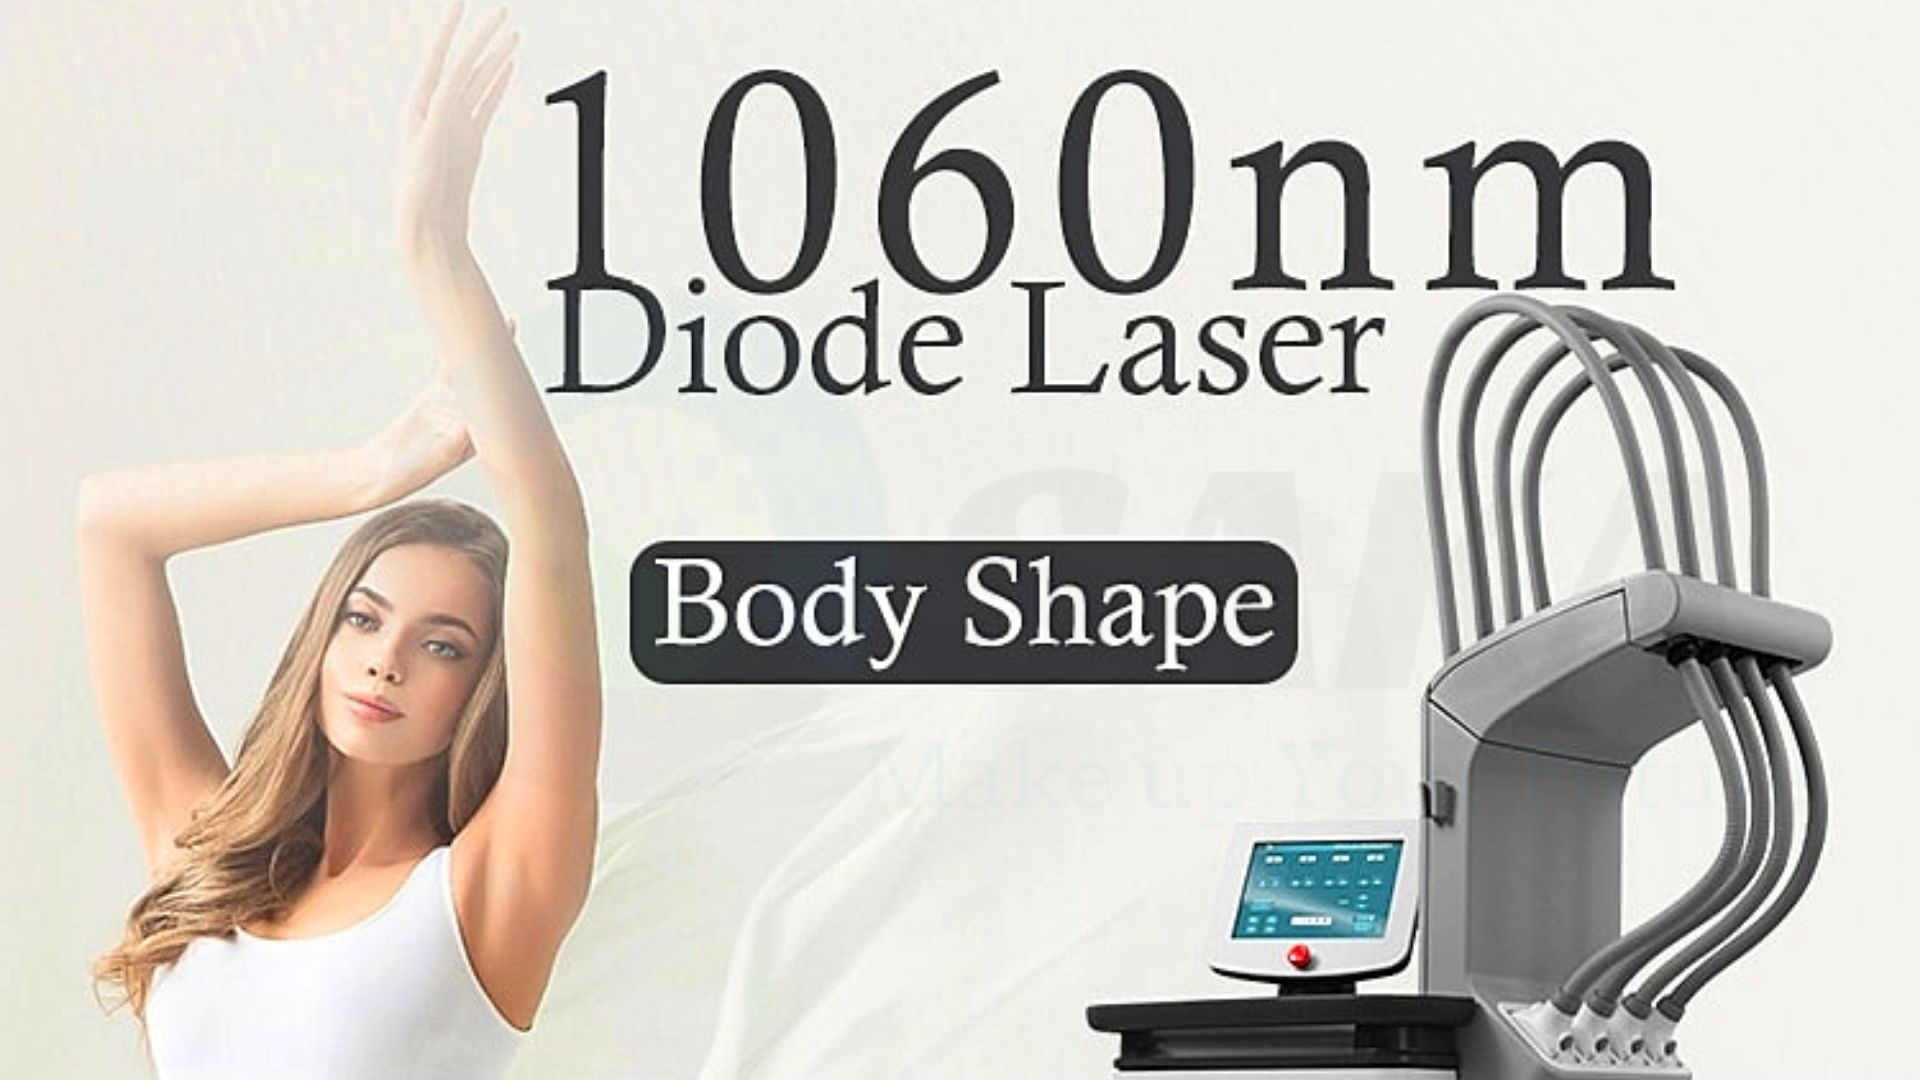 Nghiên cứu công nghệ diode laser 1060nm